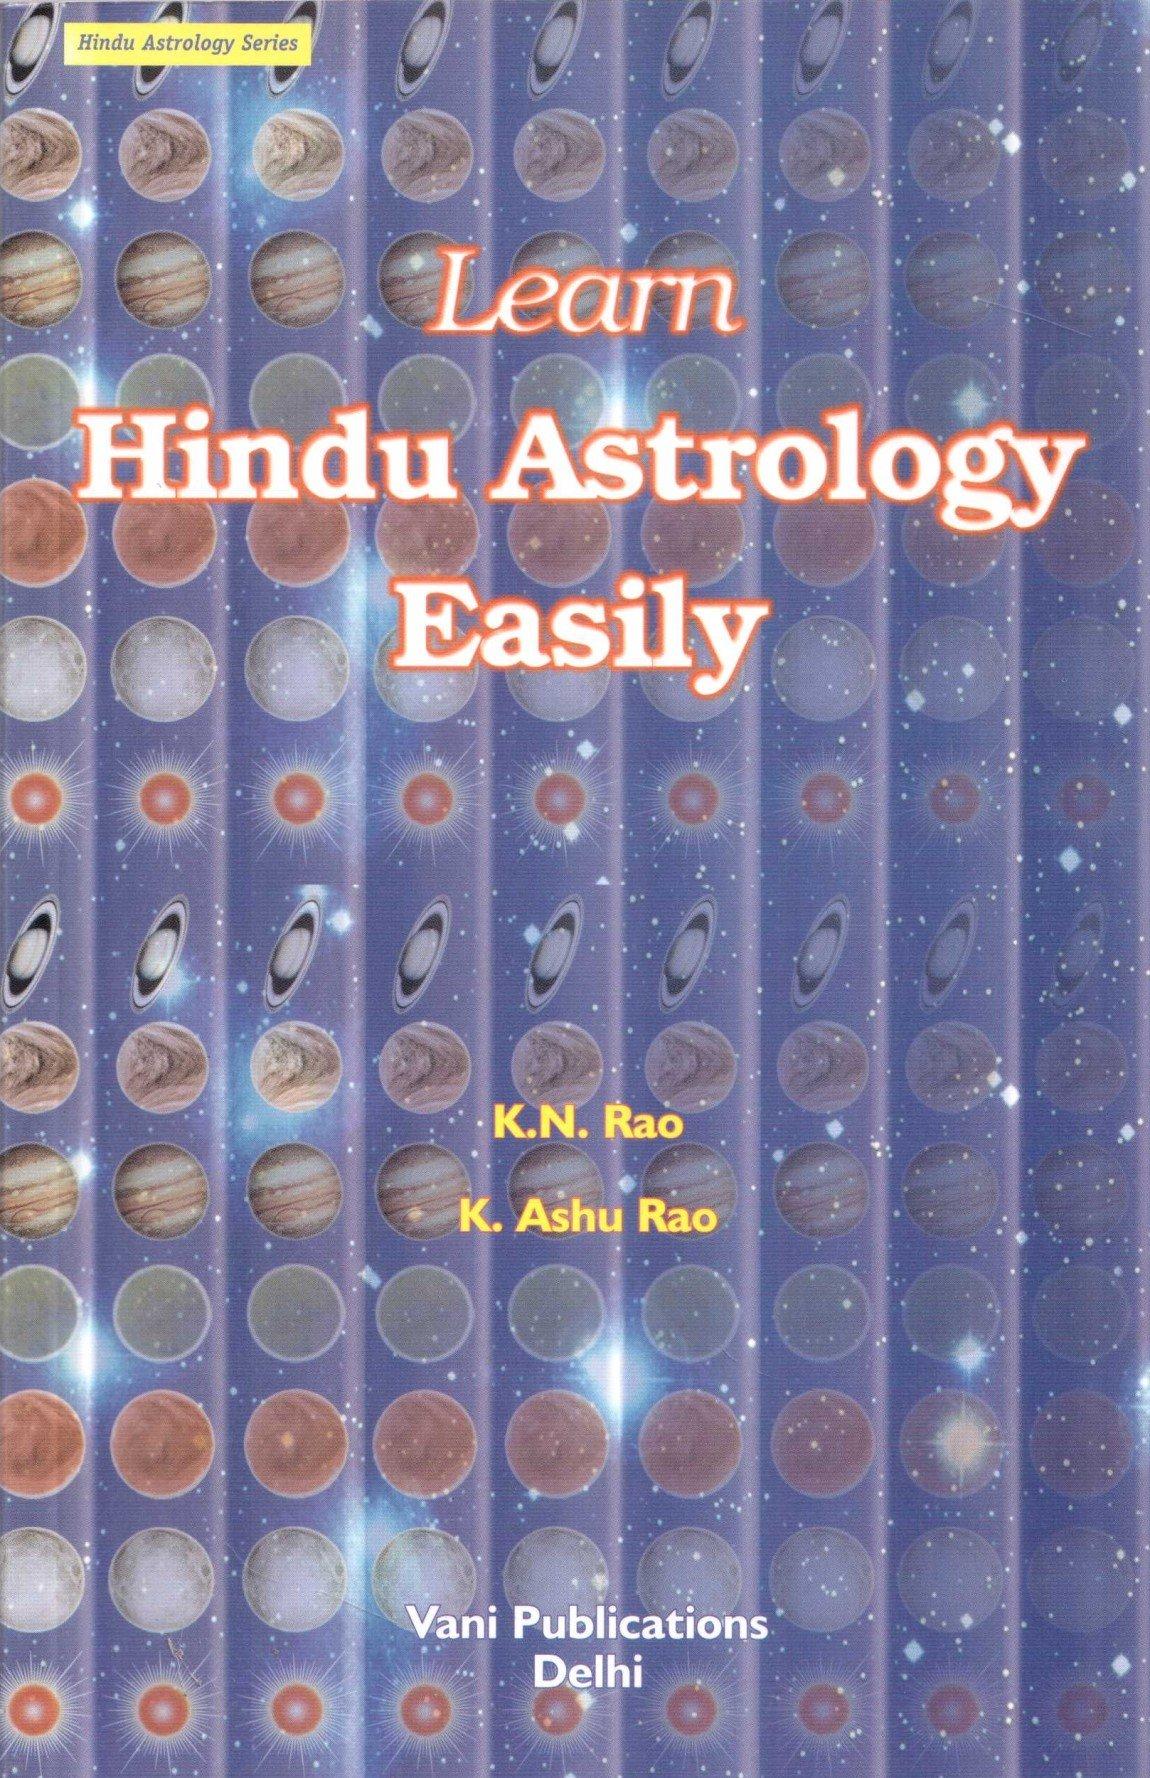 learn hindu astrology easily (k.n. rao) pdf download